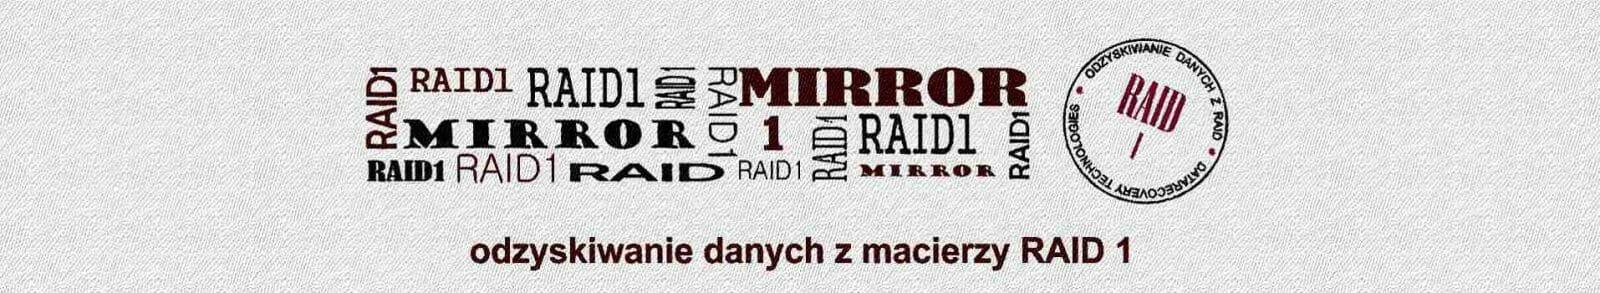 raid-1-A-1914x350 Odzyskiwanie danych z macierzy Raid 1